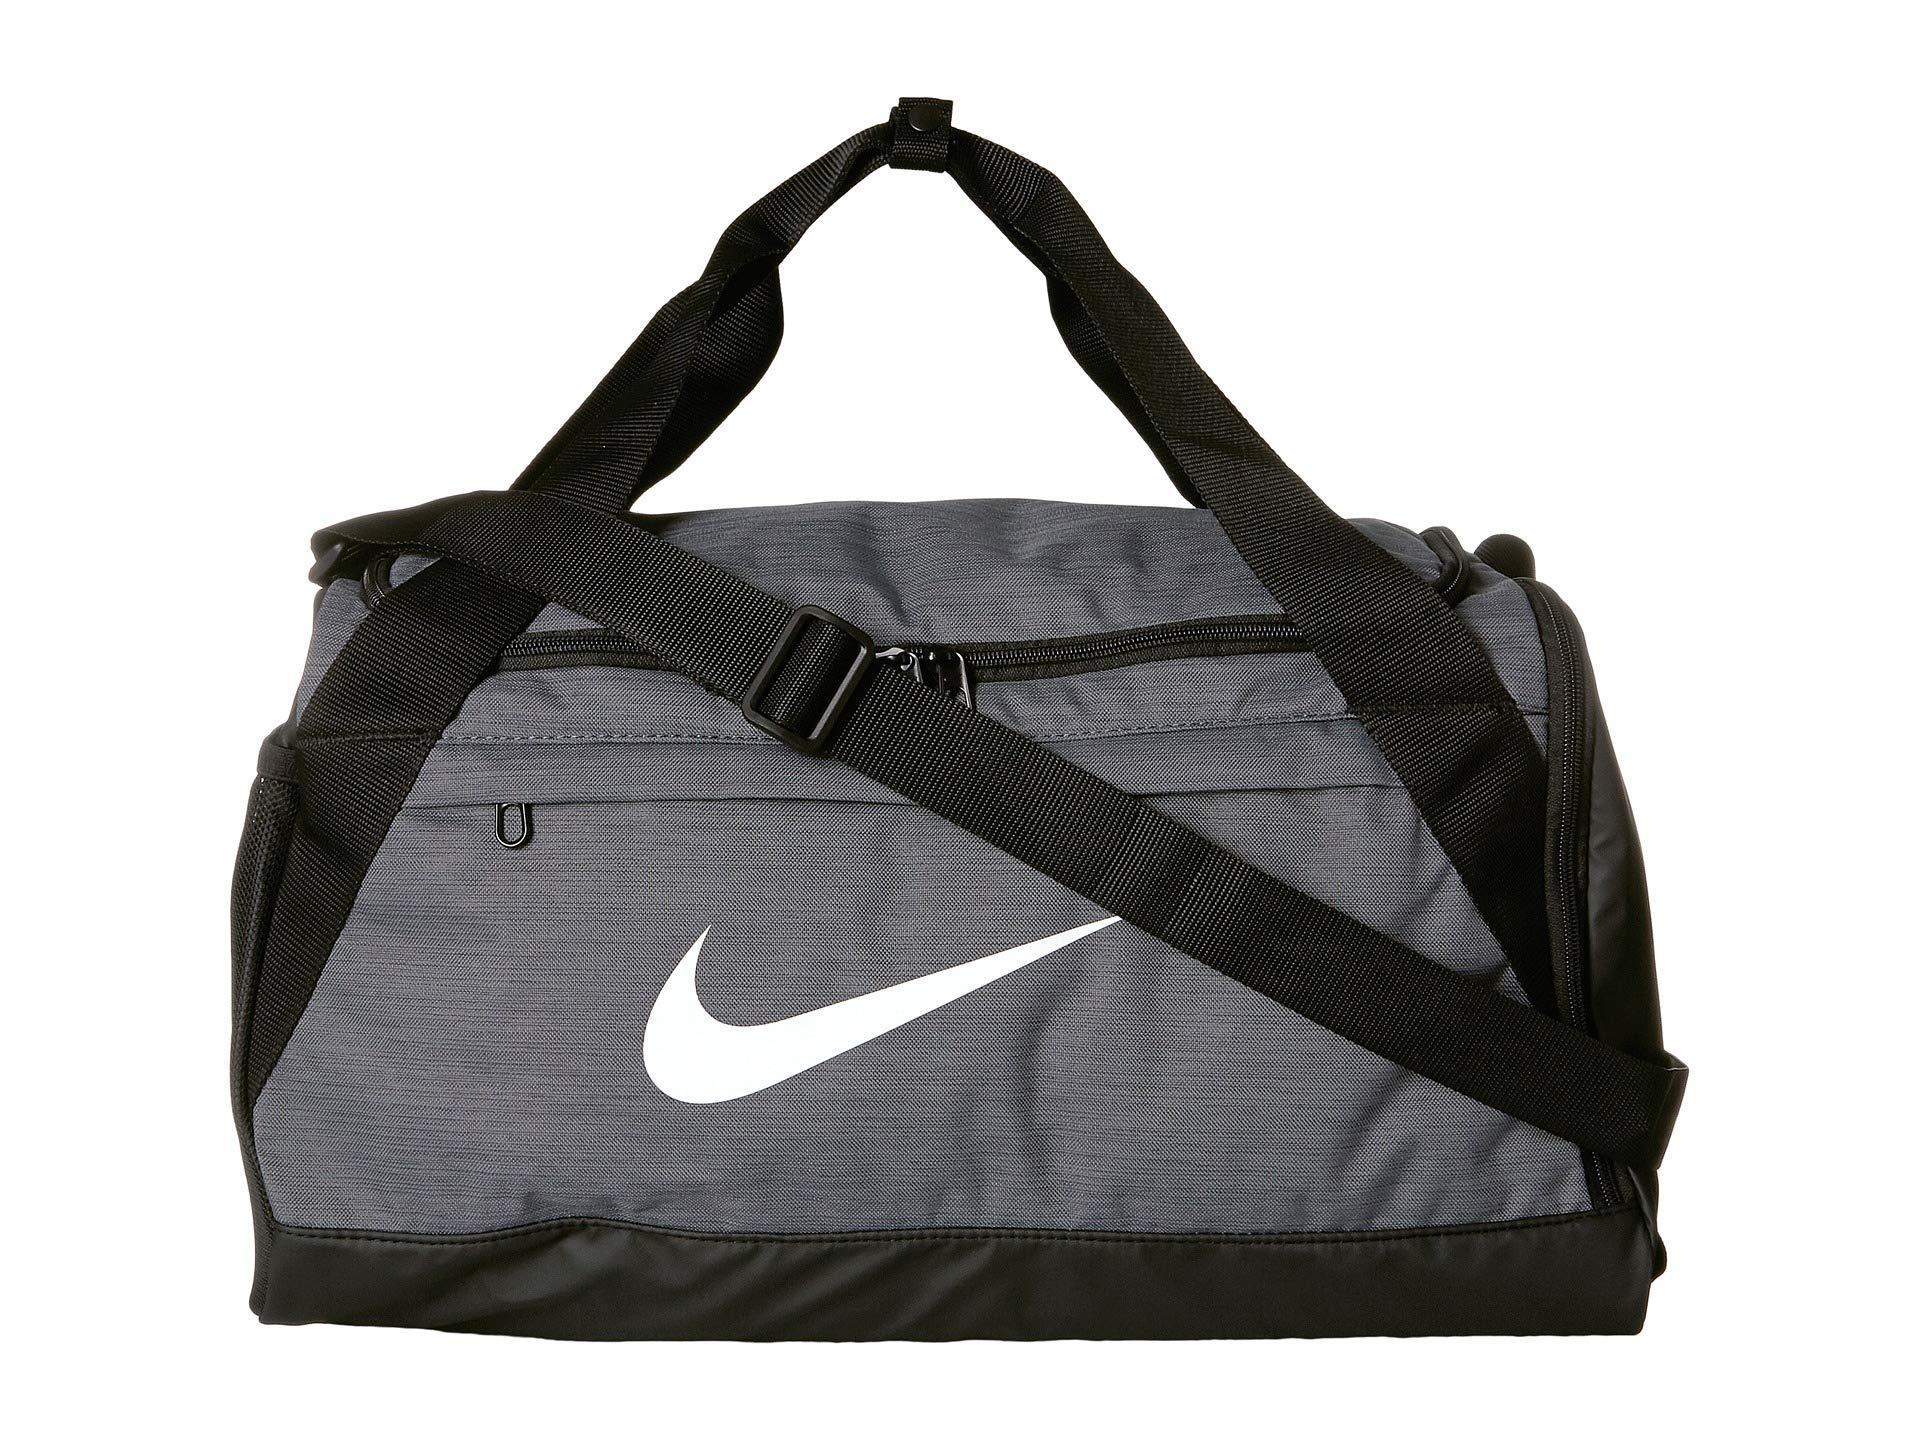 2dc806ba70 Lyst - Nike Brasilia Small Training Duffel Bag (green Abyss black ...